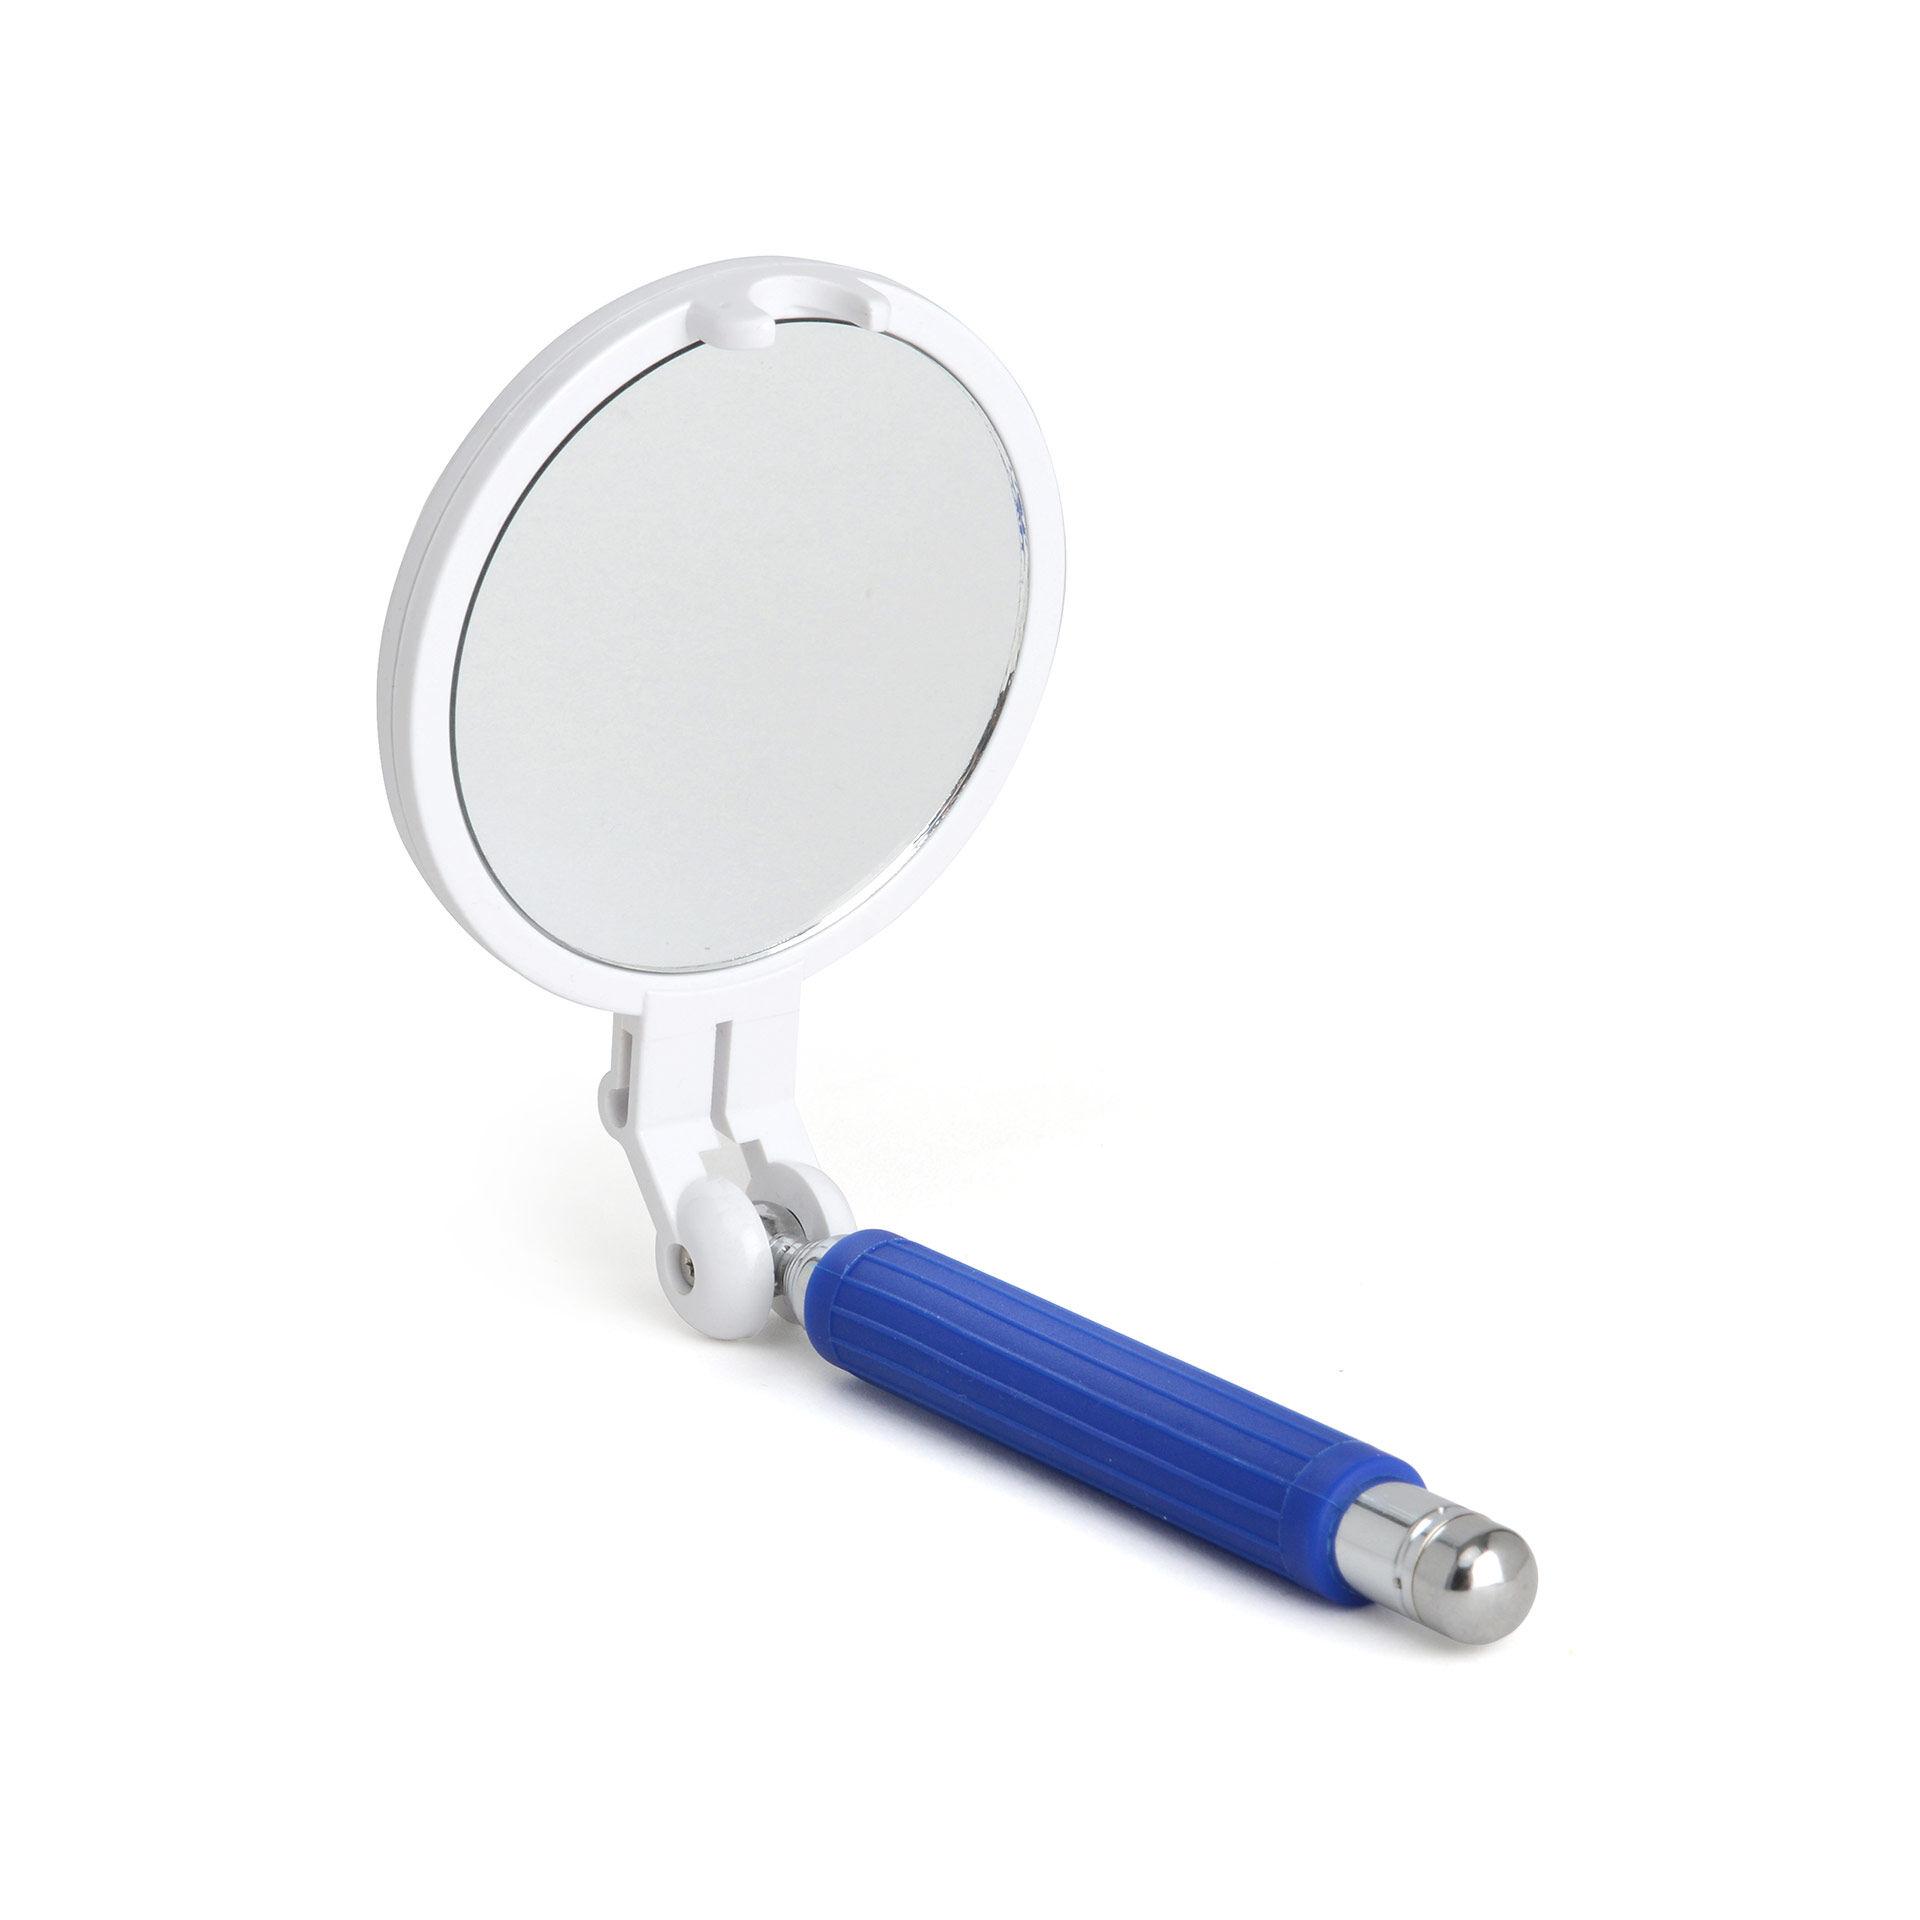 Rétroviseur télescopique de poche, , large